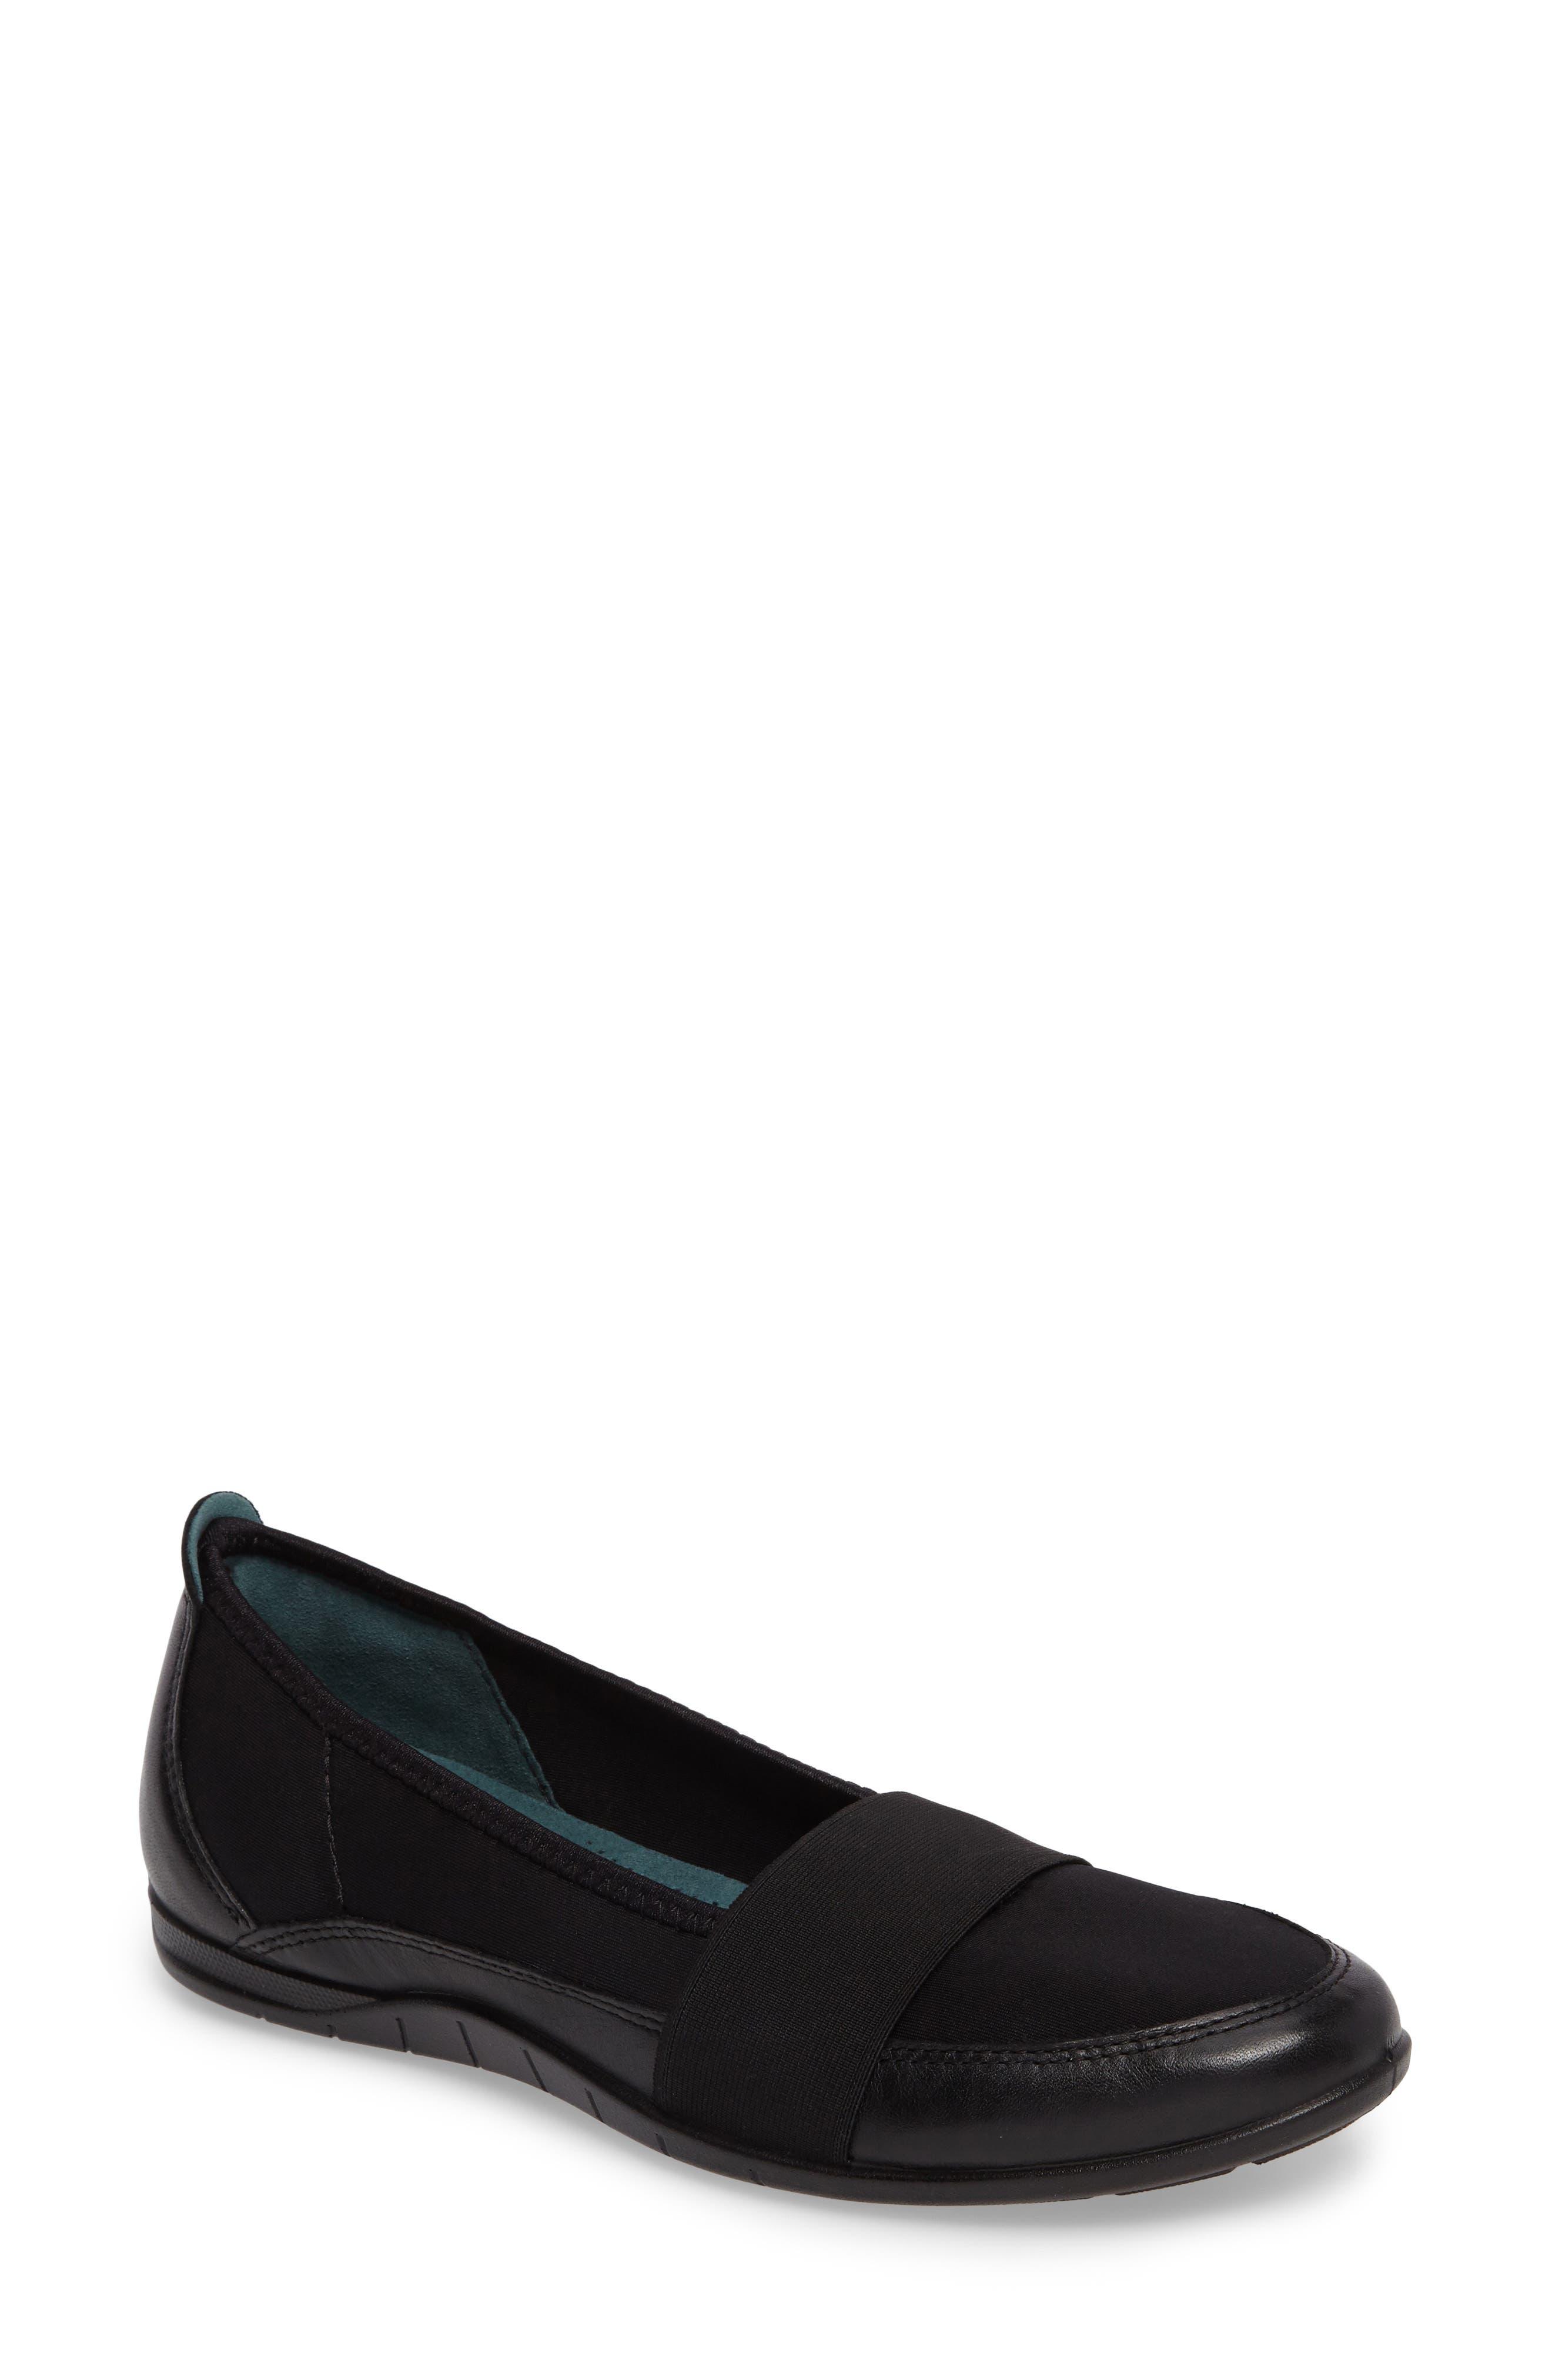 'Bluma' Slip-On Sneaker,                             Main thumbnail 1, color,                             Black Leather